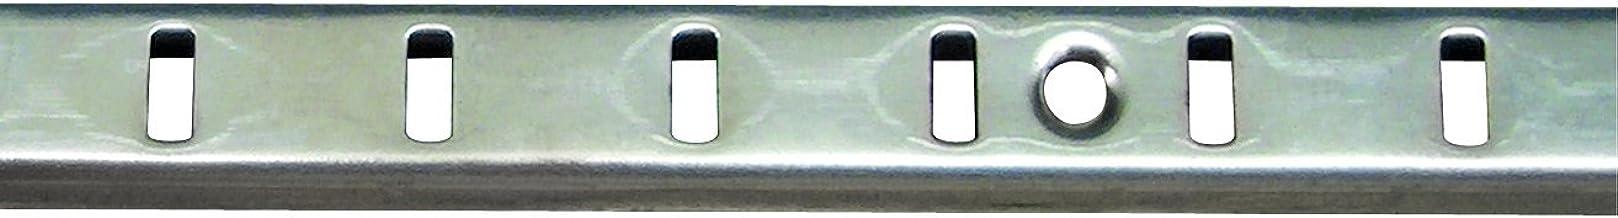 HSI, 245680.0, stelrails voor vloerdragers, vernikkeld ijzer, 16 x 6 x 1150 mm, 1 stuks